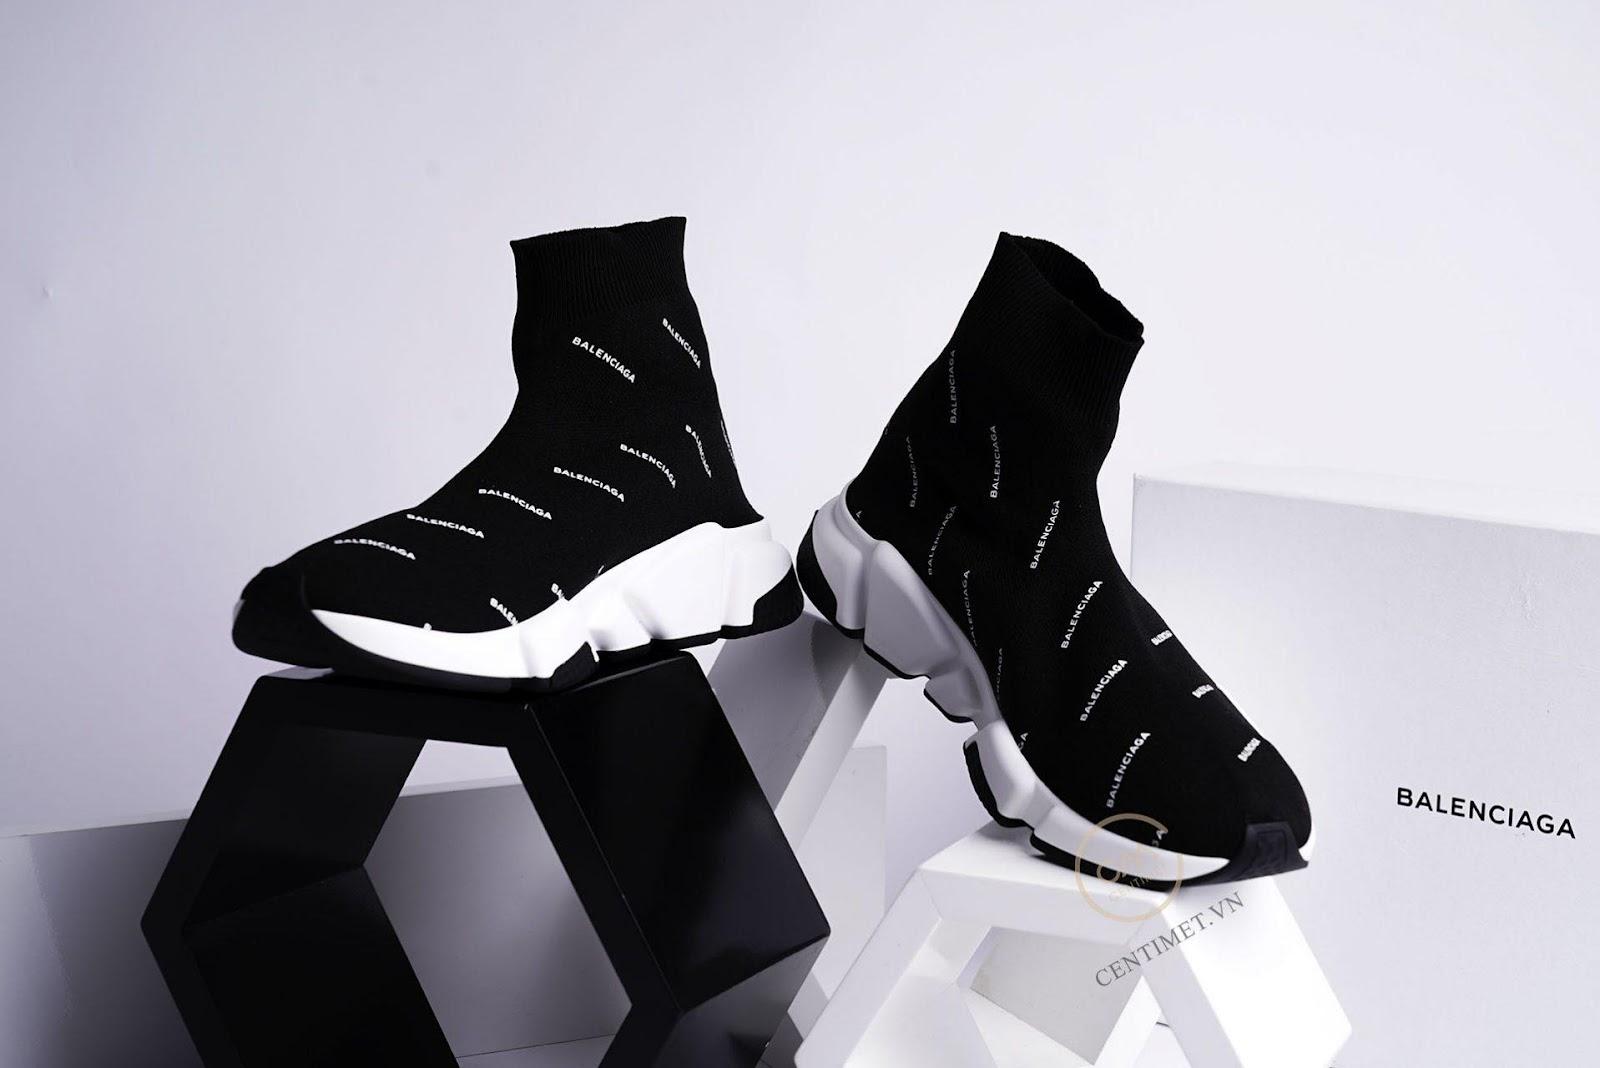 Giới thiệu 2 mẫu giày hot nhất mà bạn không nên bỏ lỡ